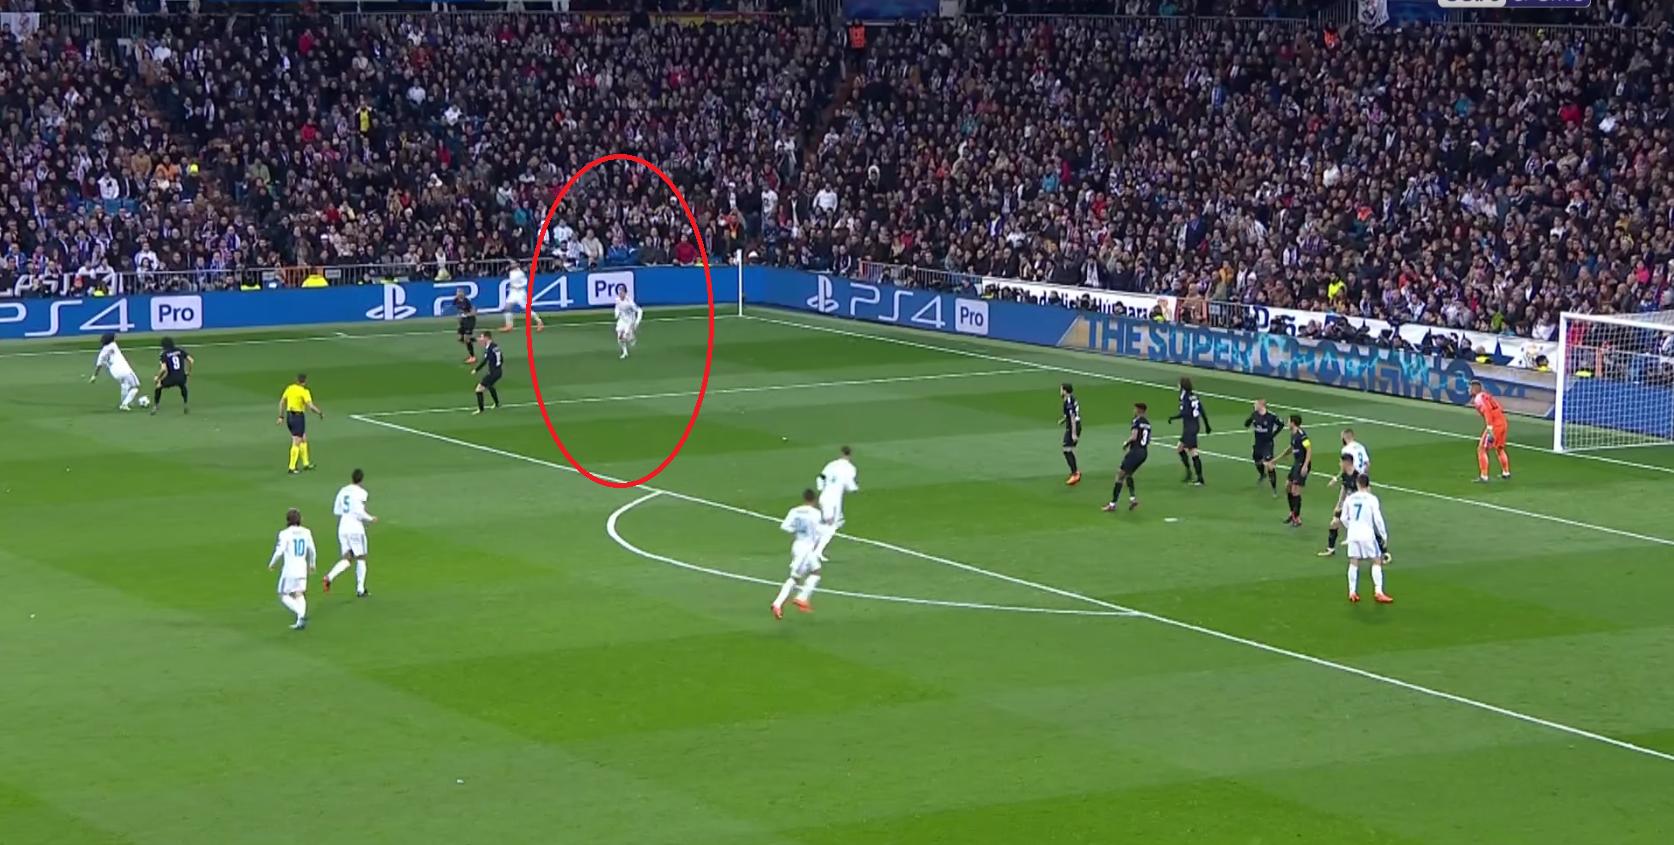 Football - Ligue des champions - Real-PSG : Kroos hors-jeu avant de provoquer le penalty madrilène ?